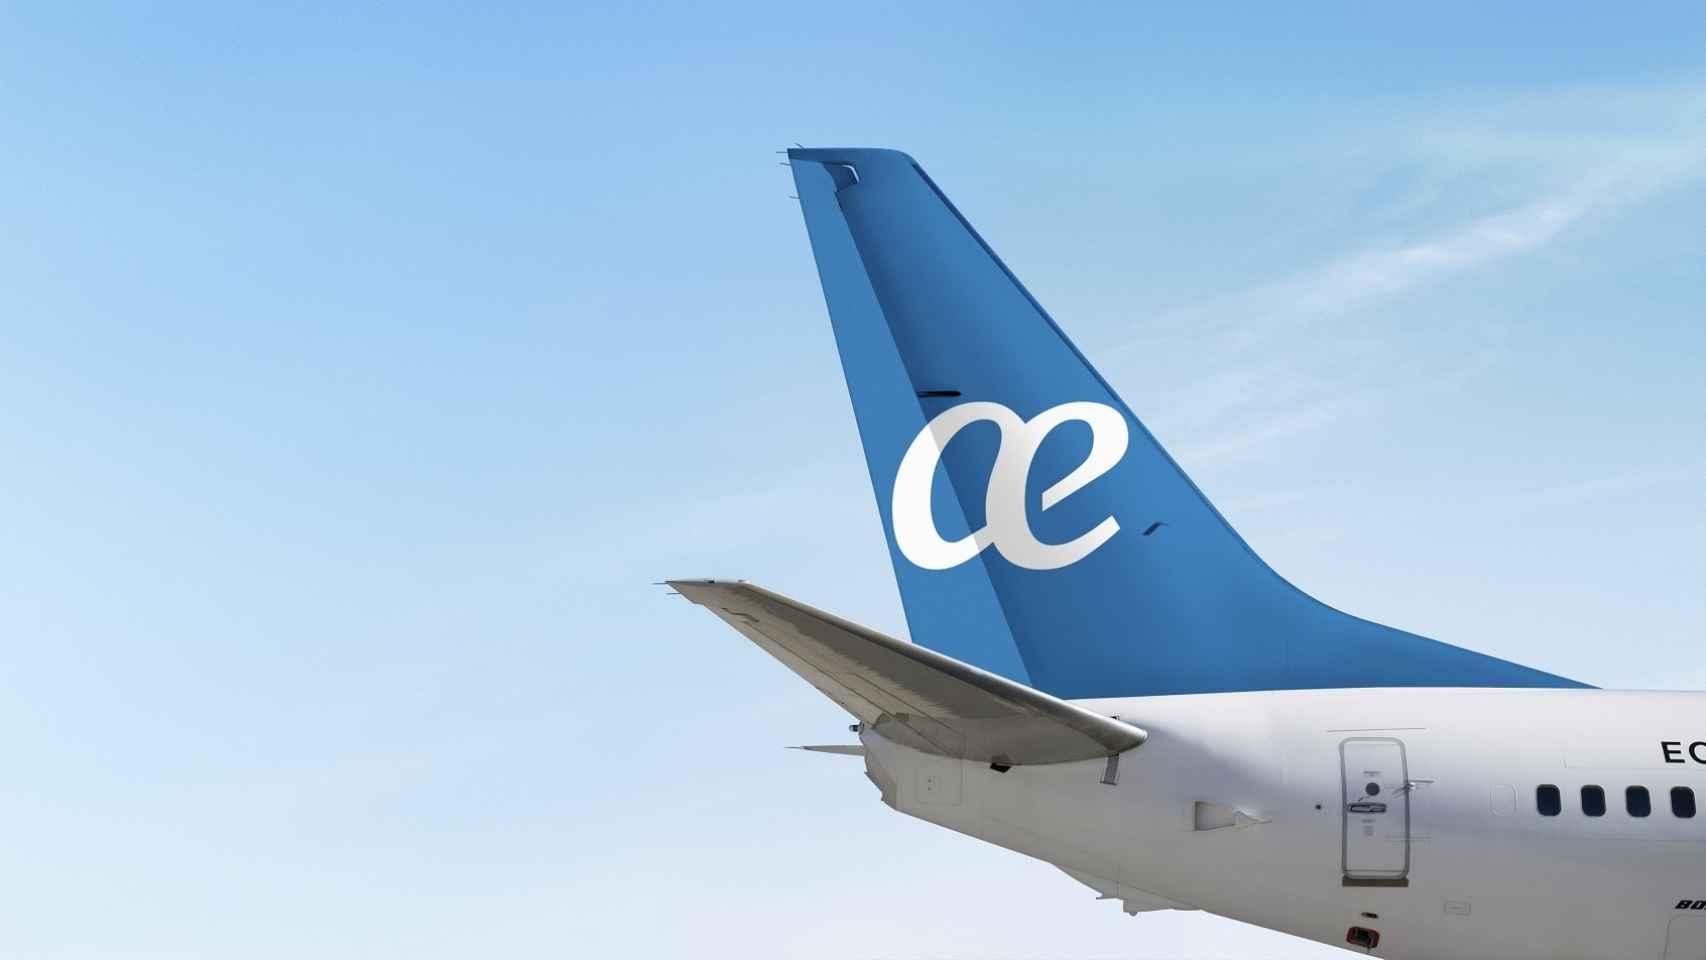 La cola de un avión de Air Europa con el logo de la empresa.